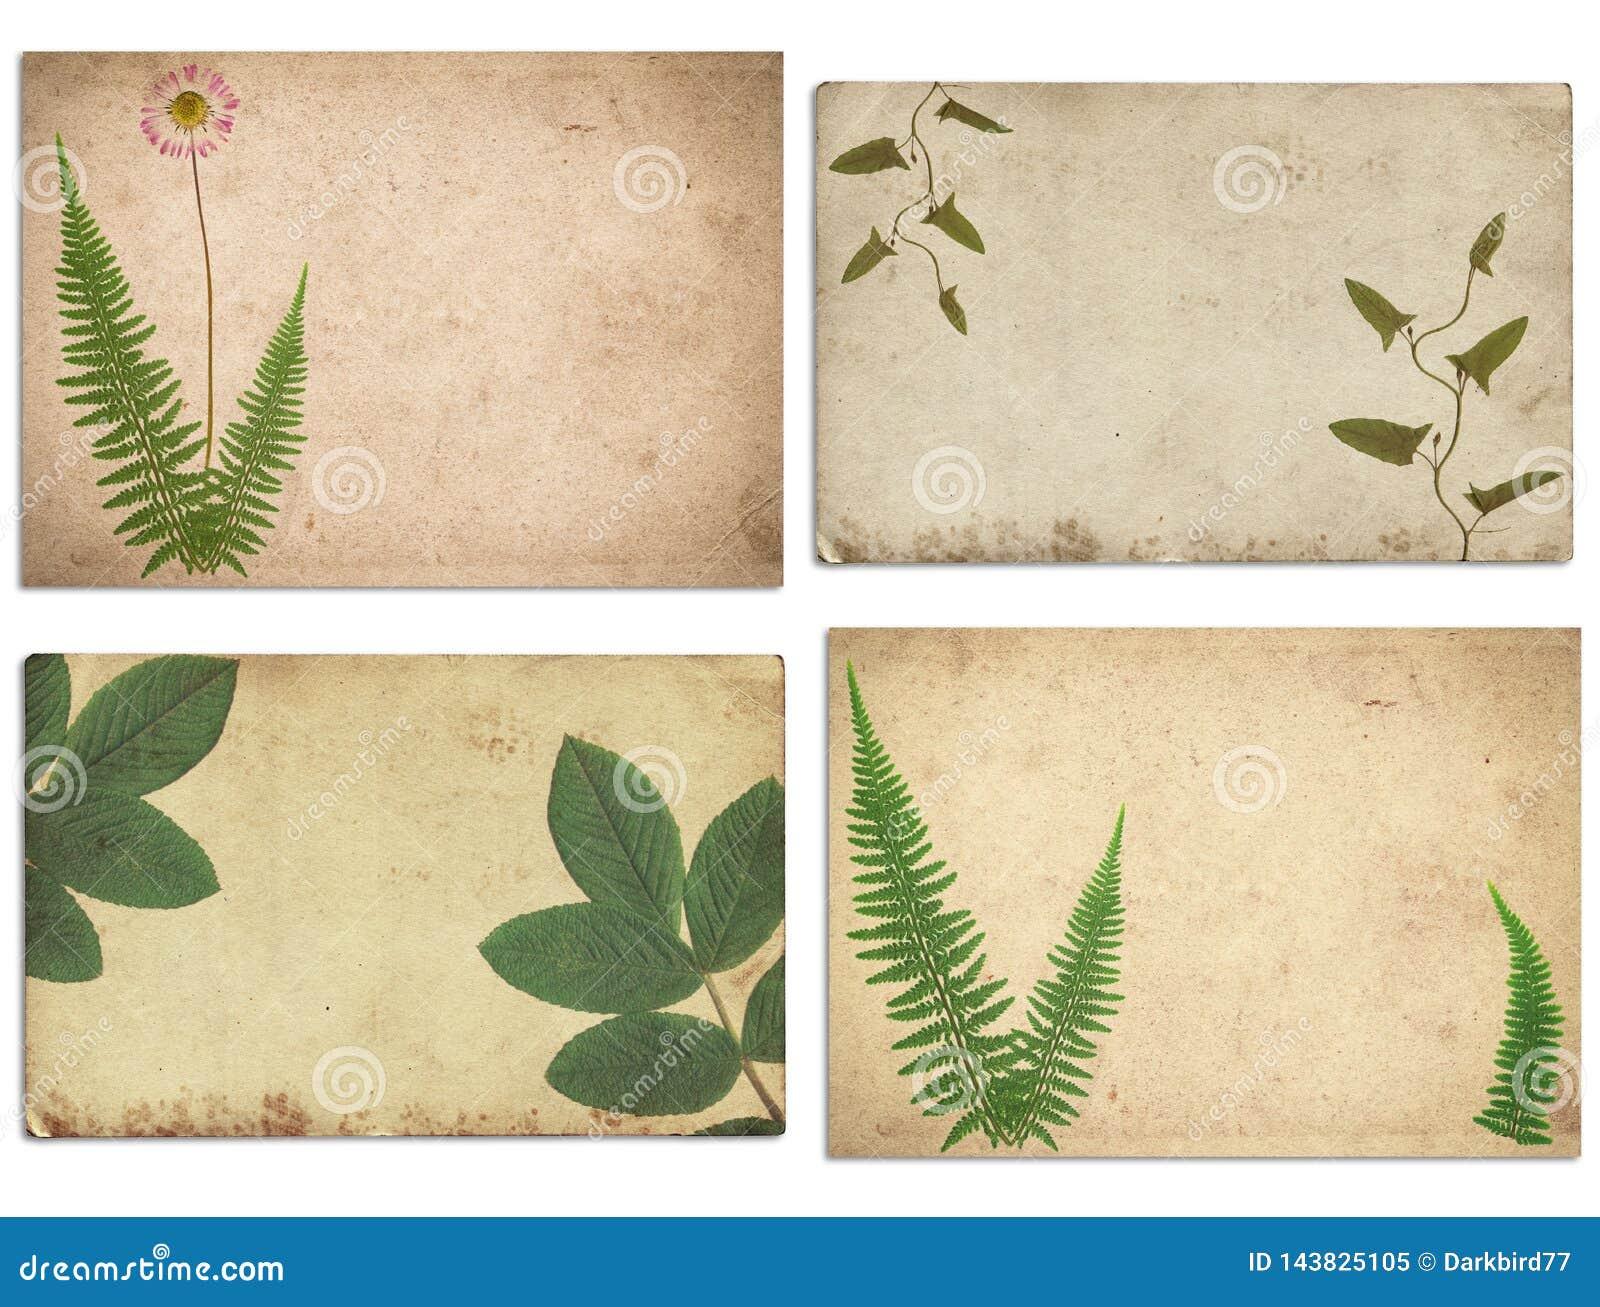 Σύνολο διάφορης παλαιάς εκλεκτής ποιότητας σύστασης εγγράφου τις ξηρά εγκαταστάσεις και το λουλούδι που απομονώνονται με